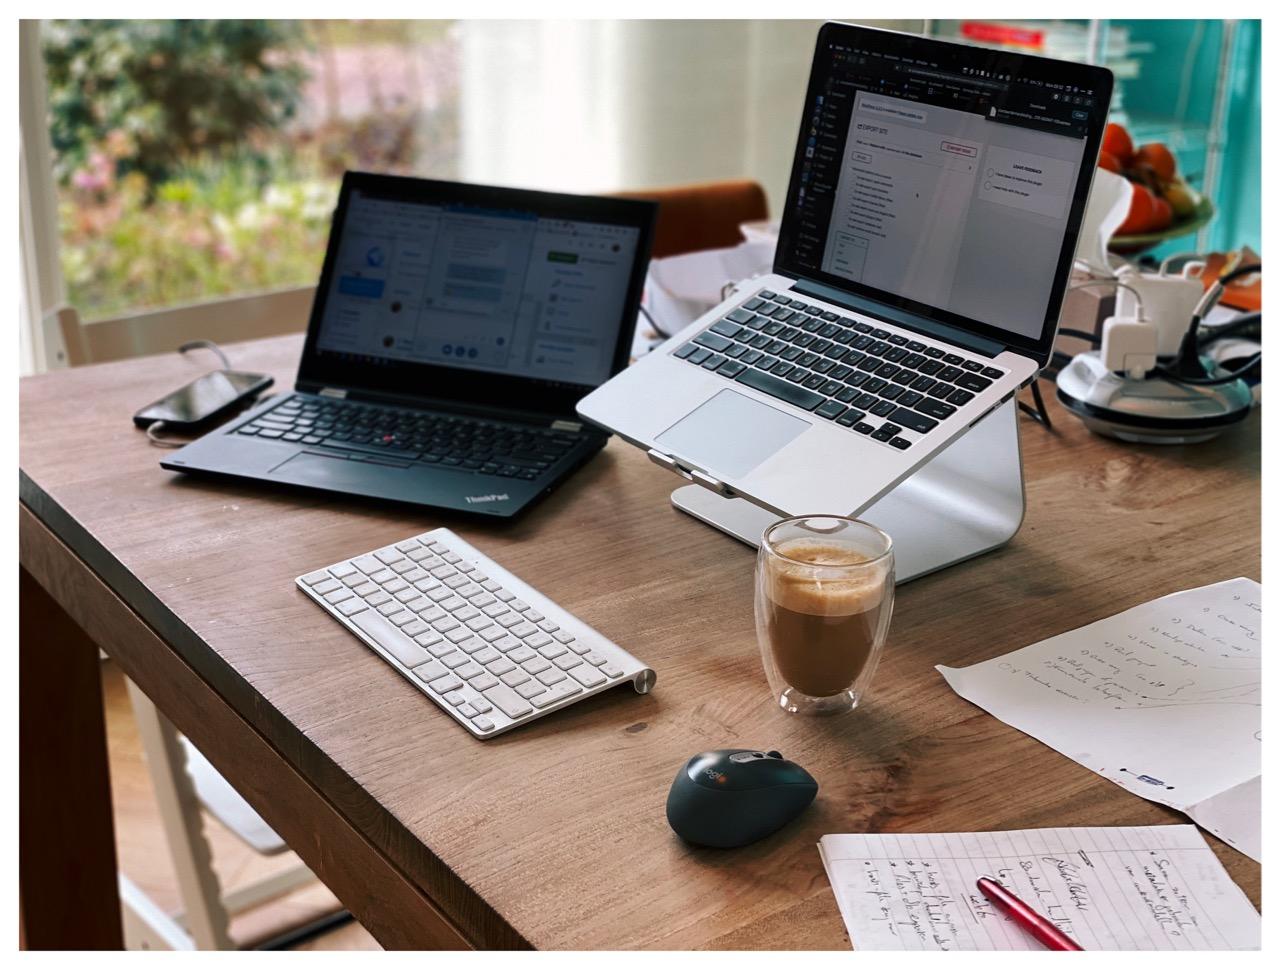 Laptops en koffie op een tafel